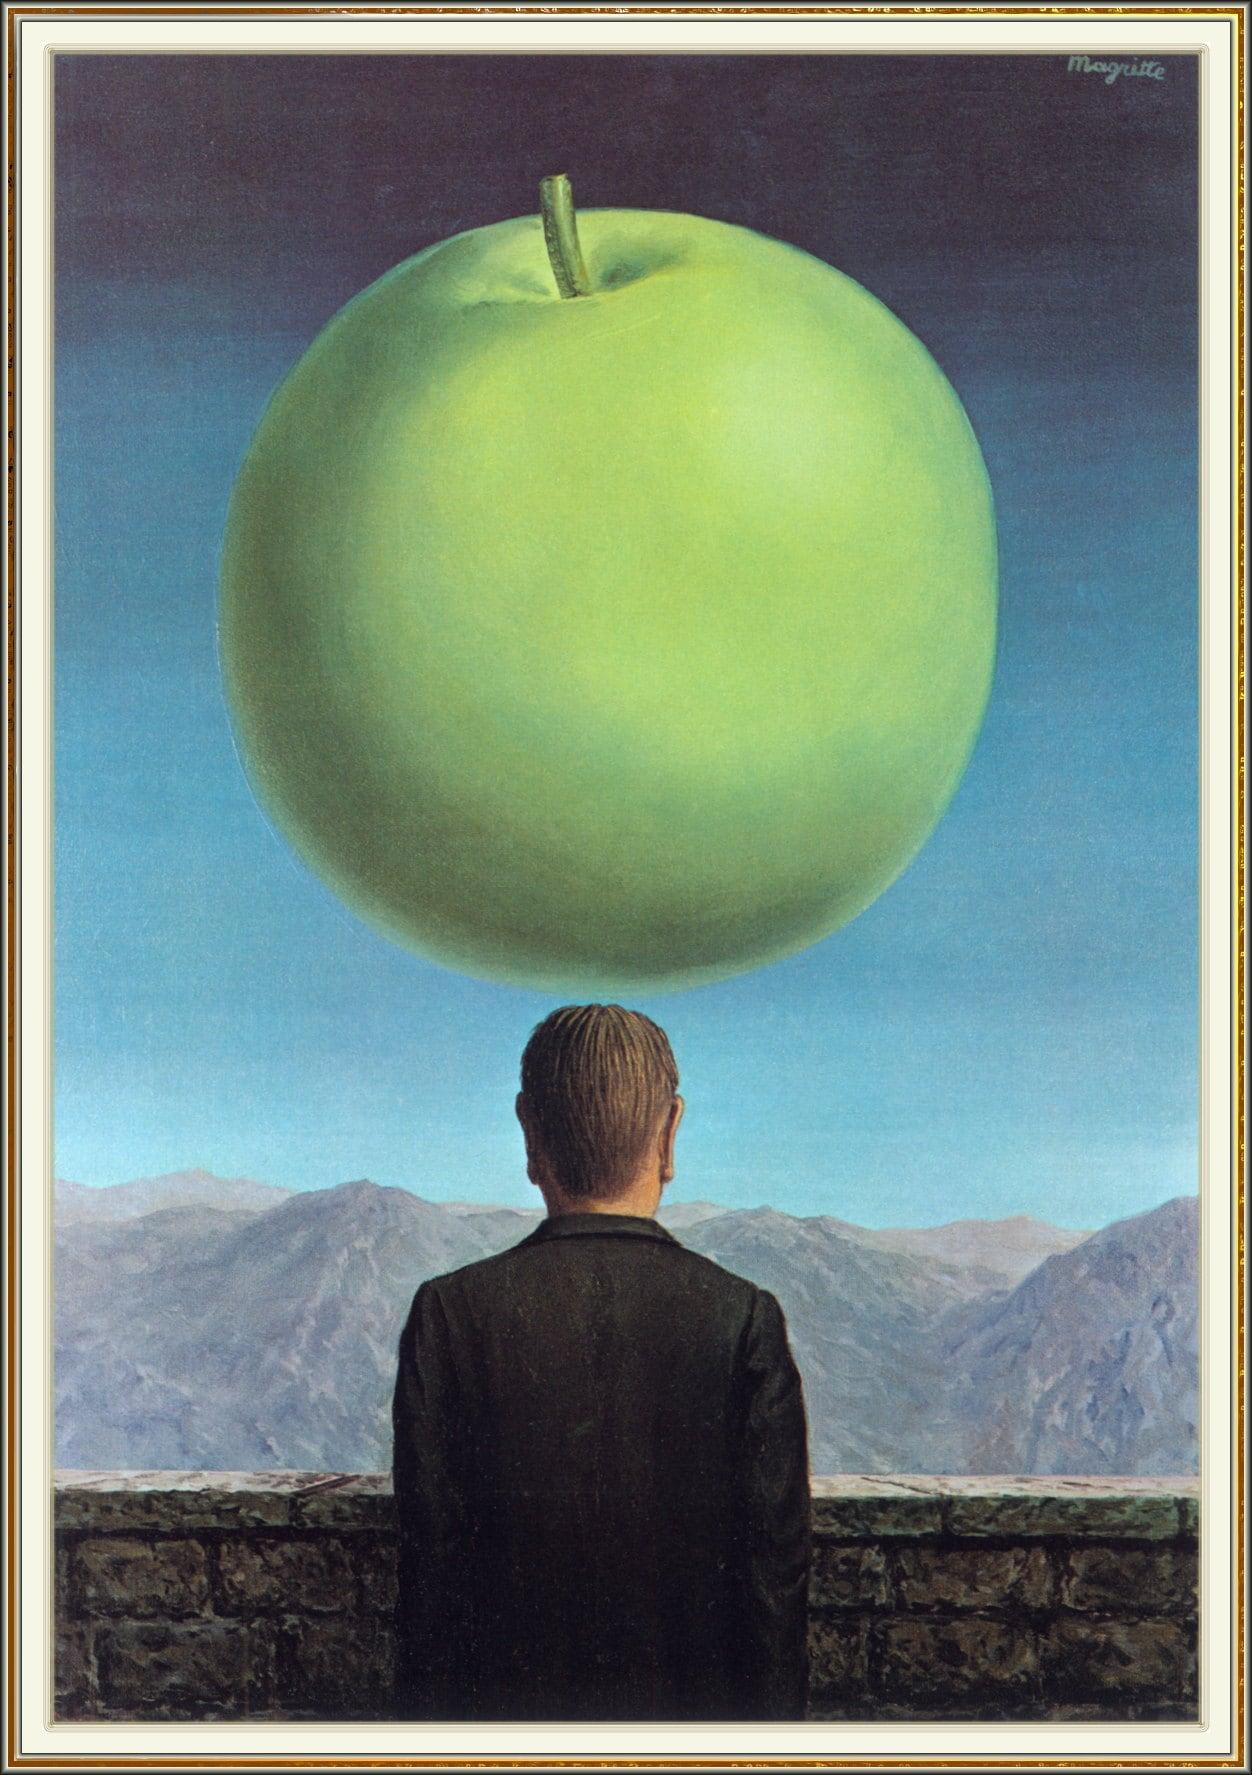 famous surrealism